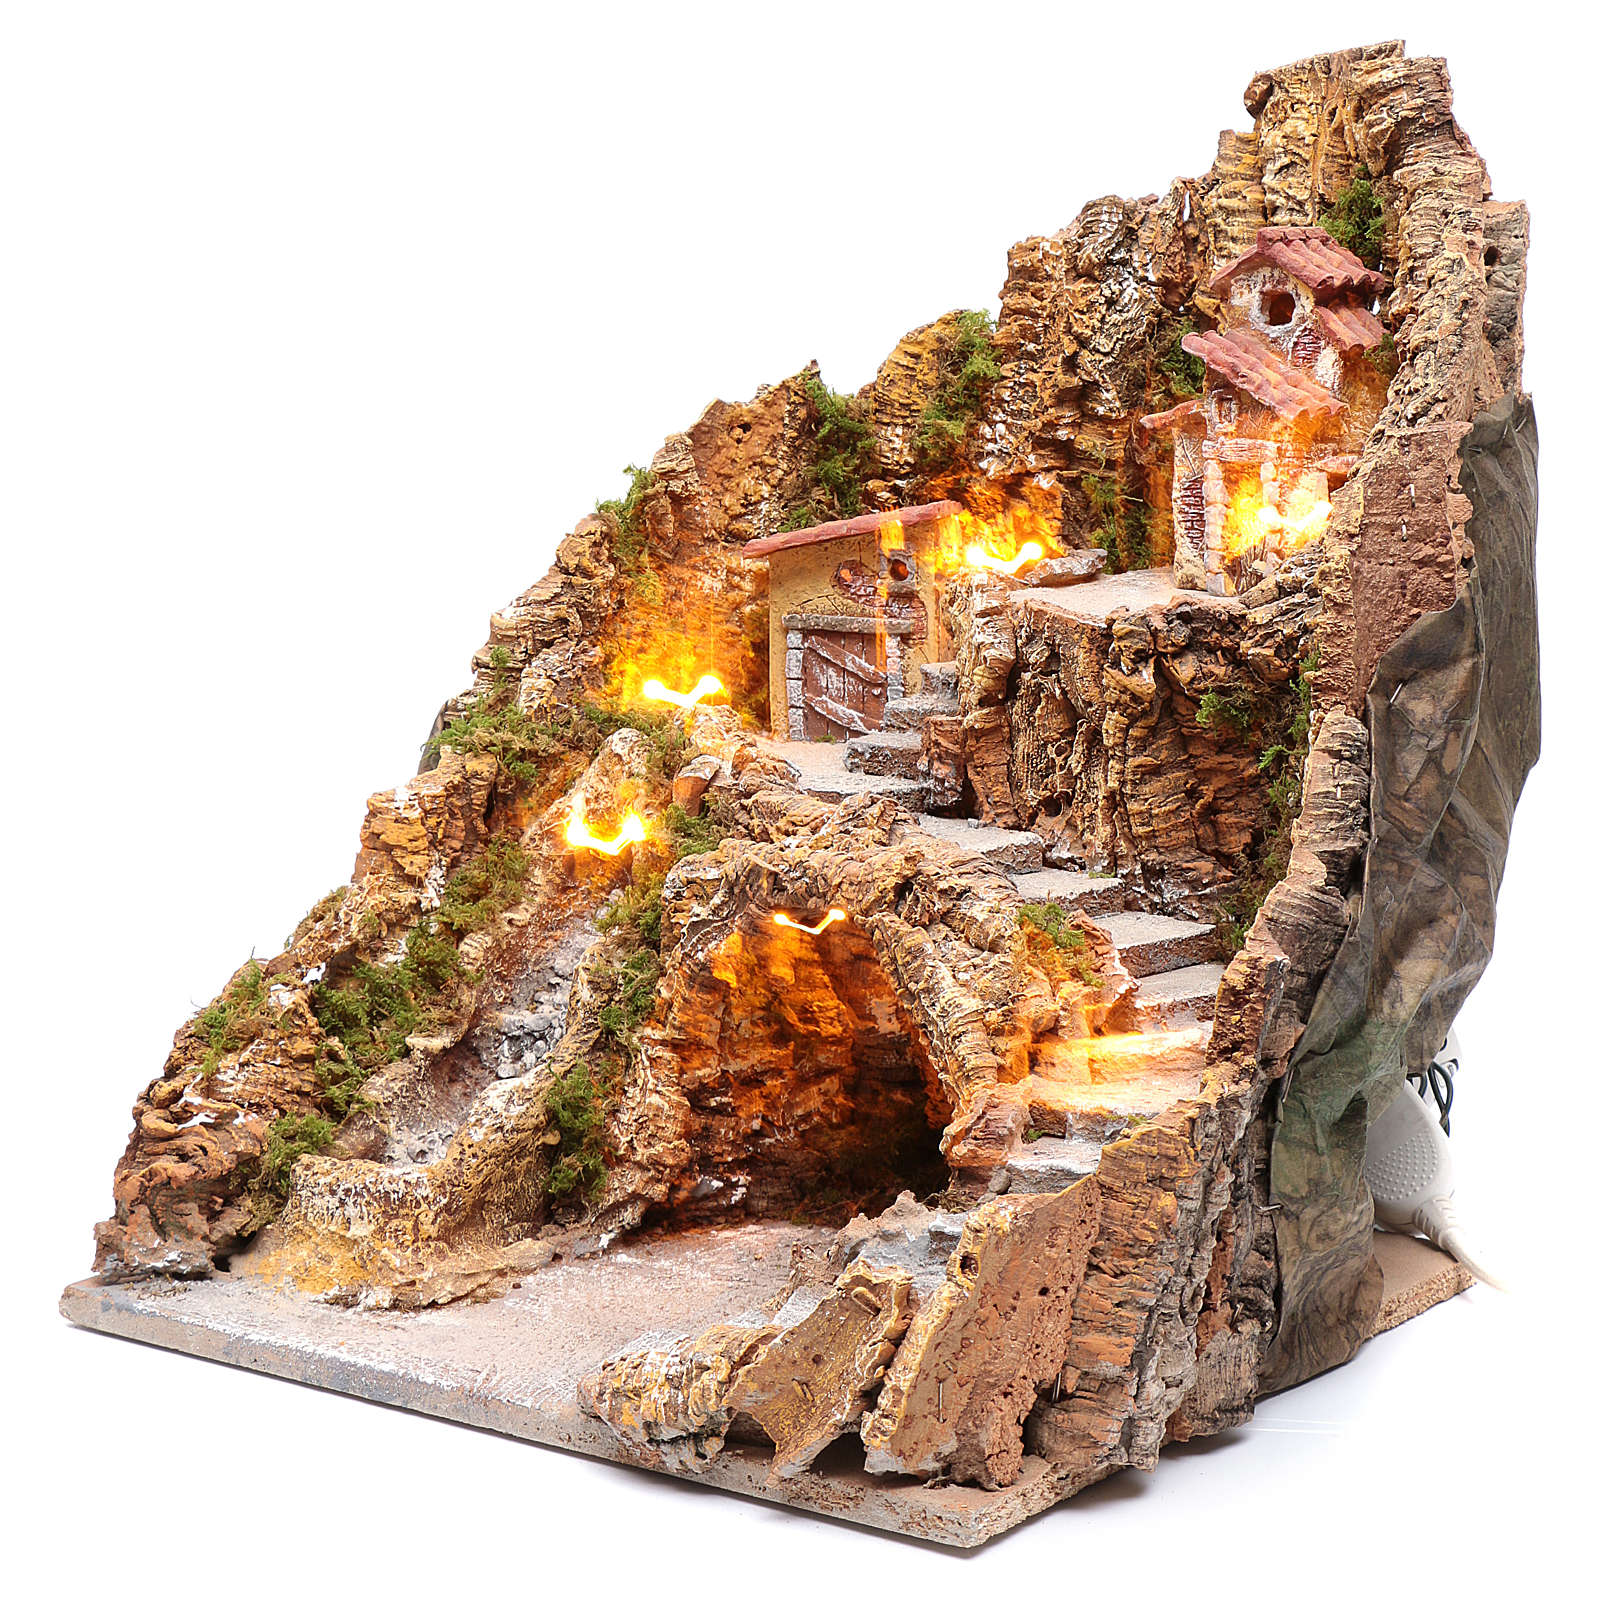 Pesebre napolitano iluminado cascada y casas 40x35x30 4